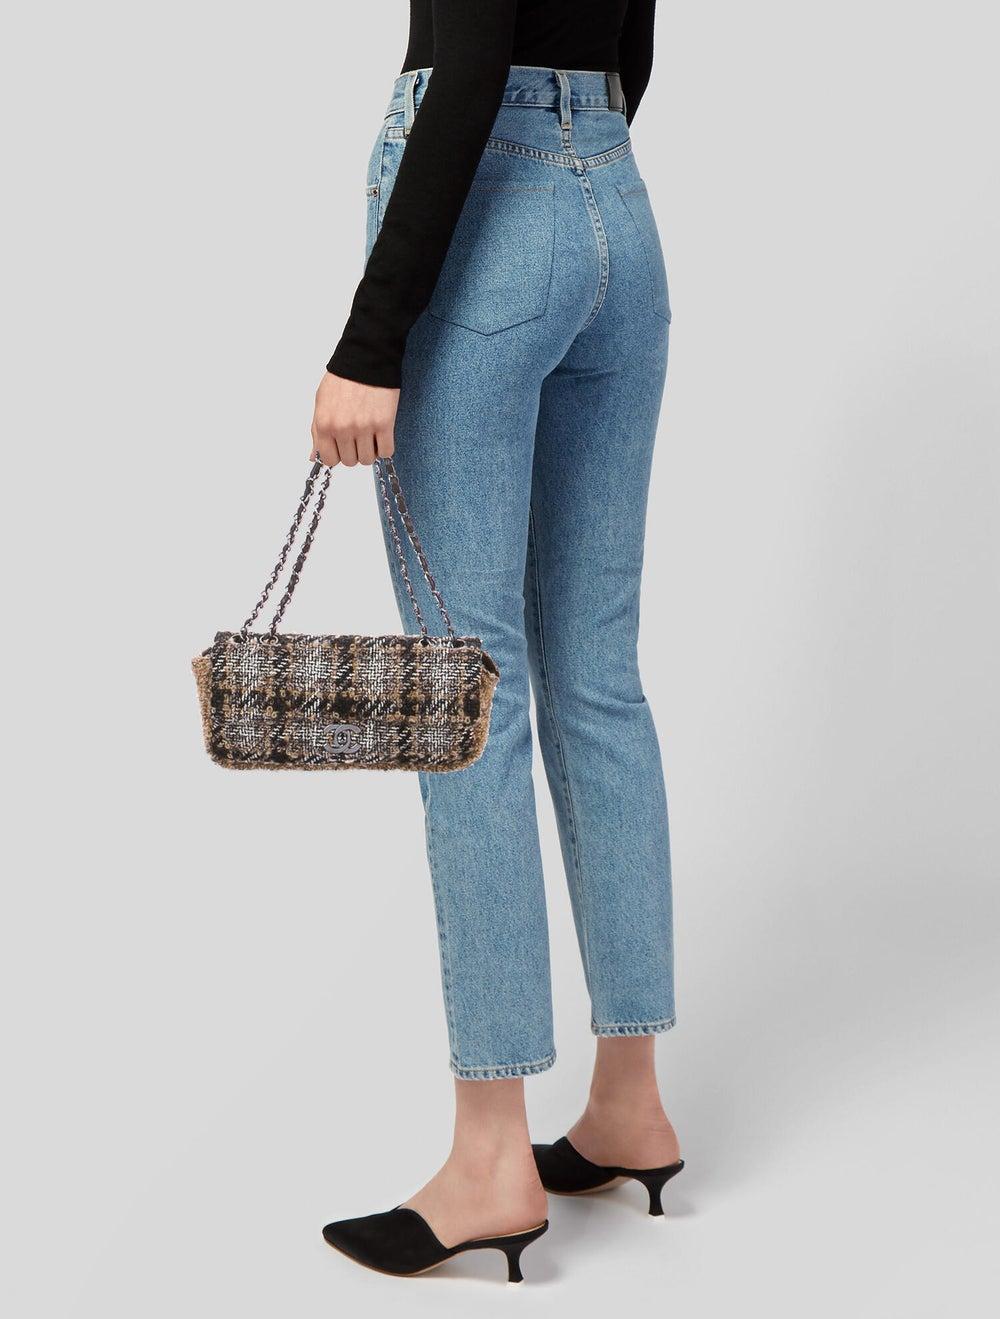 Chanel Medium Tweed Flap Bag Brown - image 2